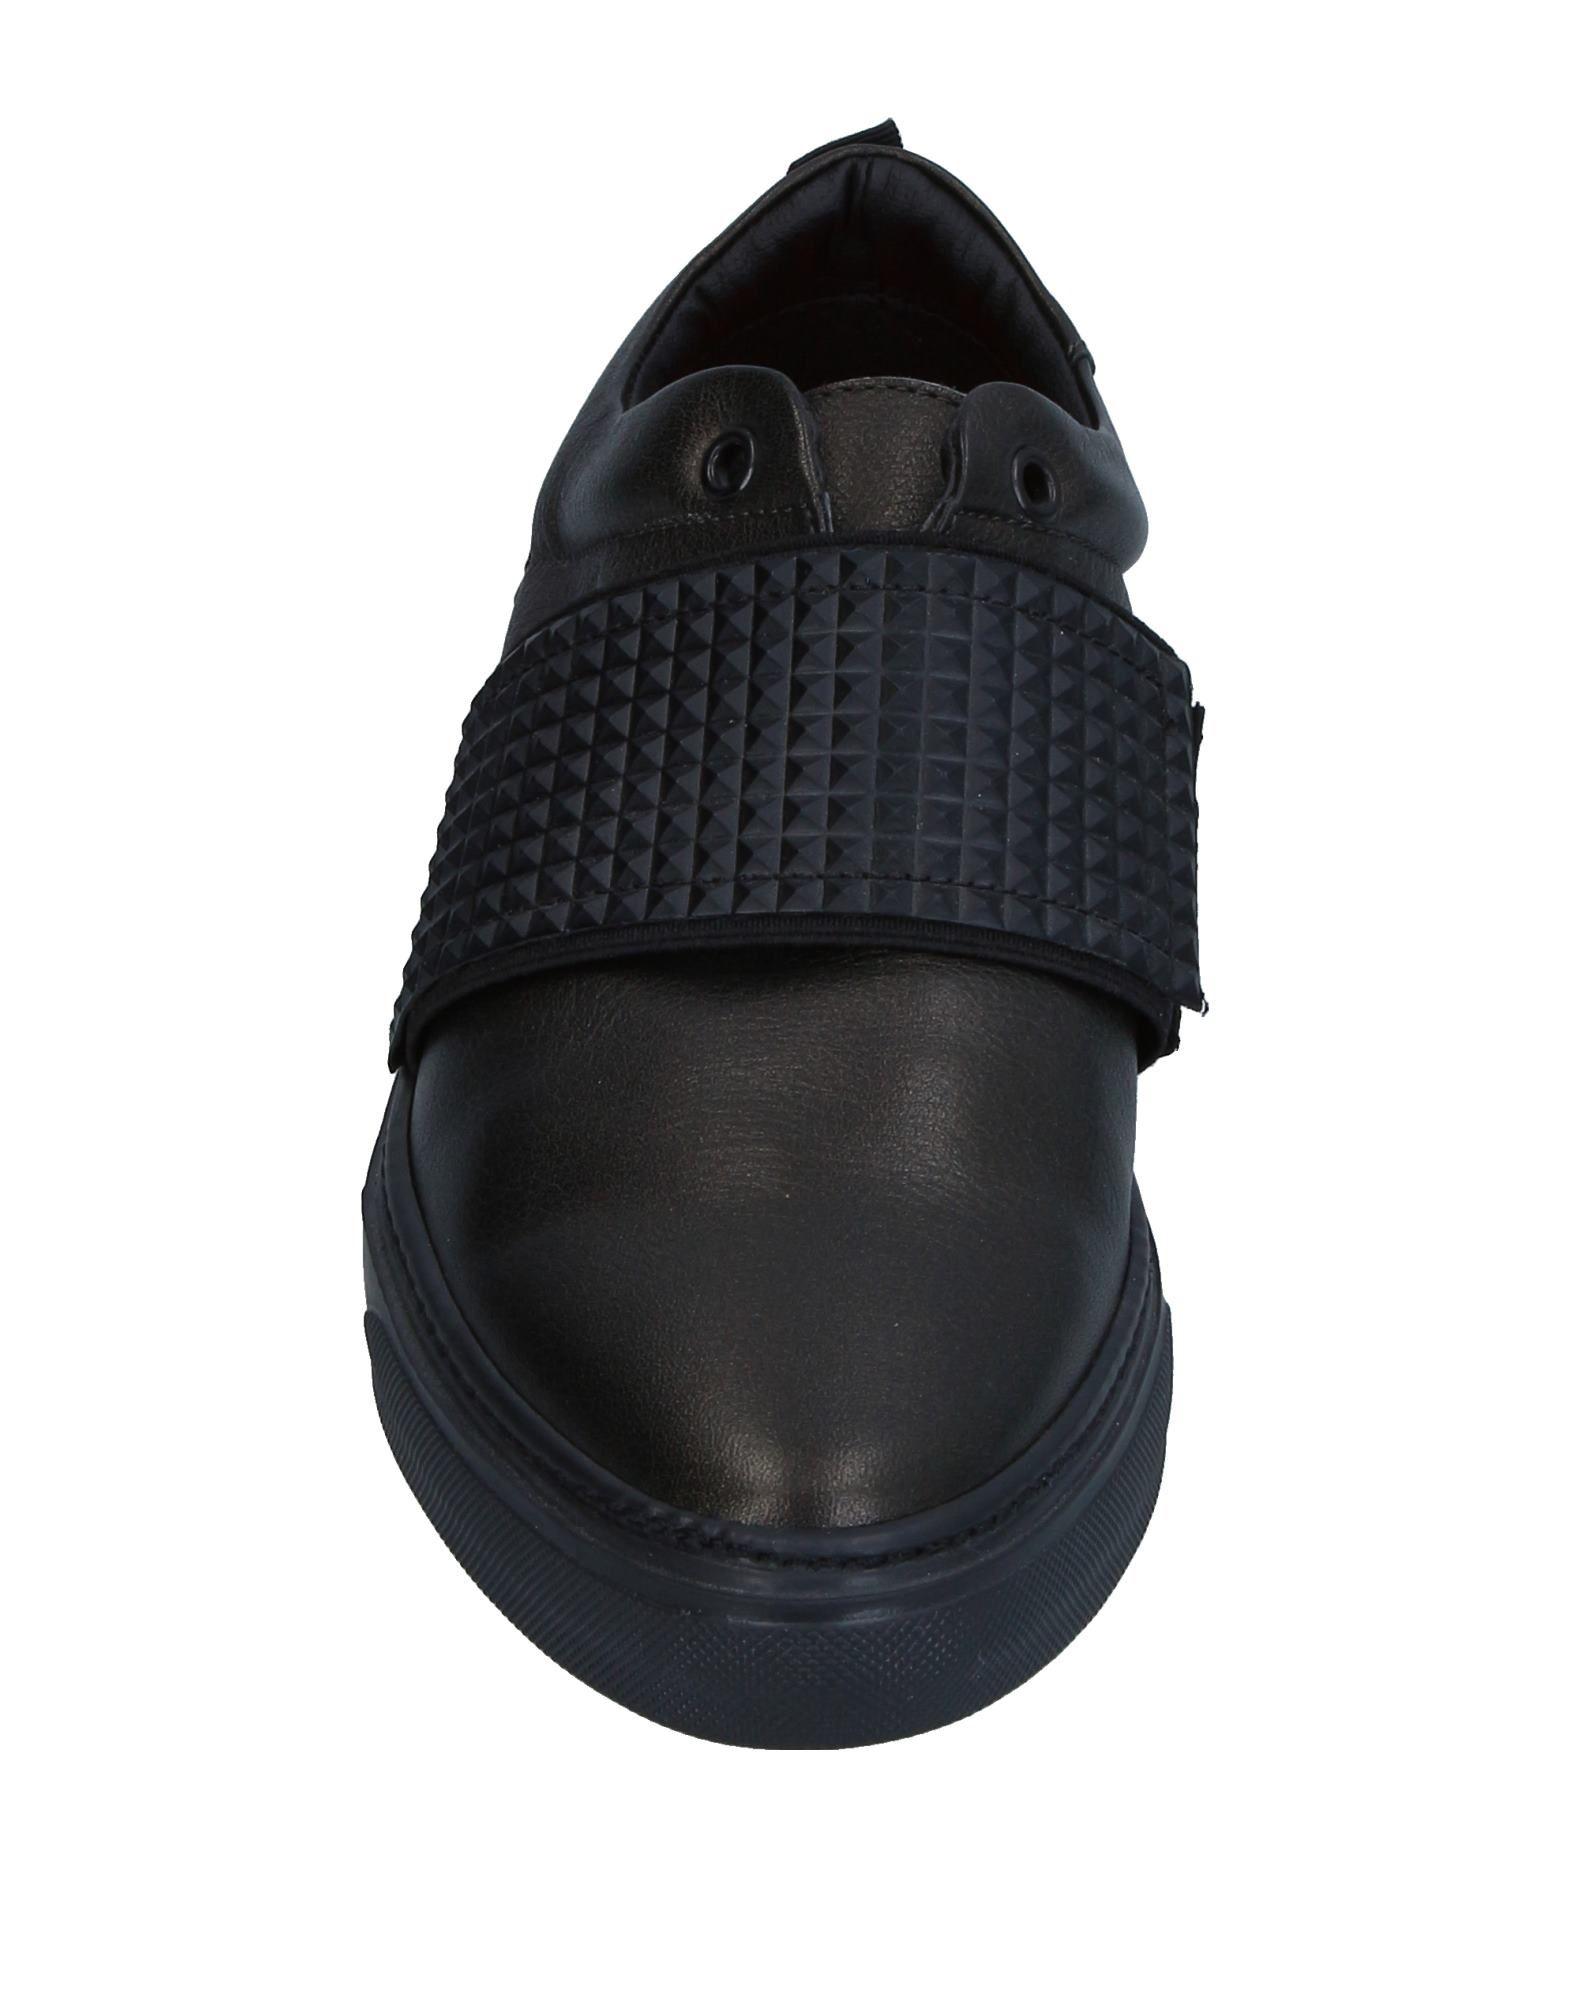 Penelo Sneakers Damen  11361437IG 11361437IG  9c97b7